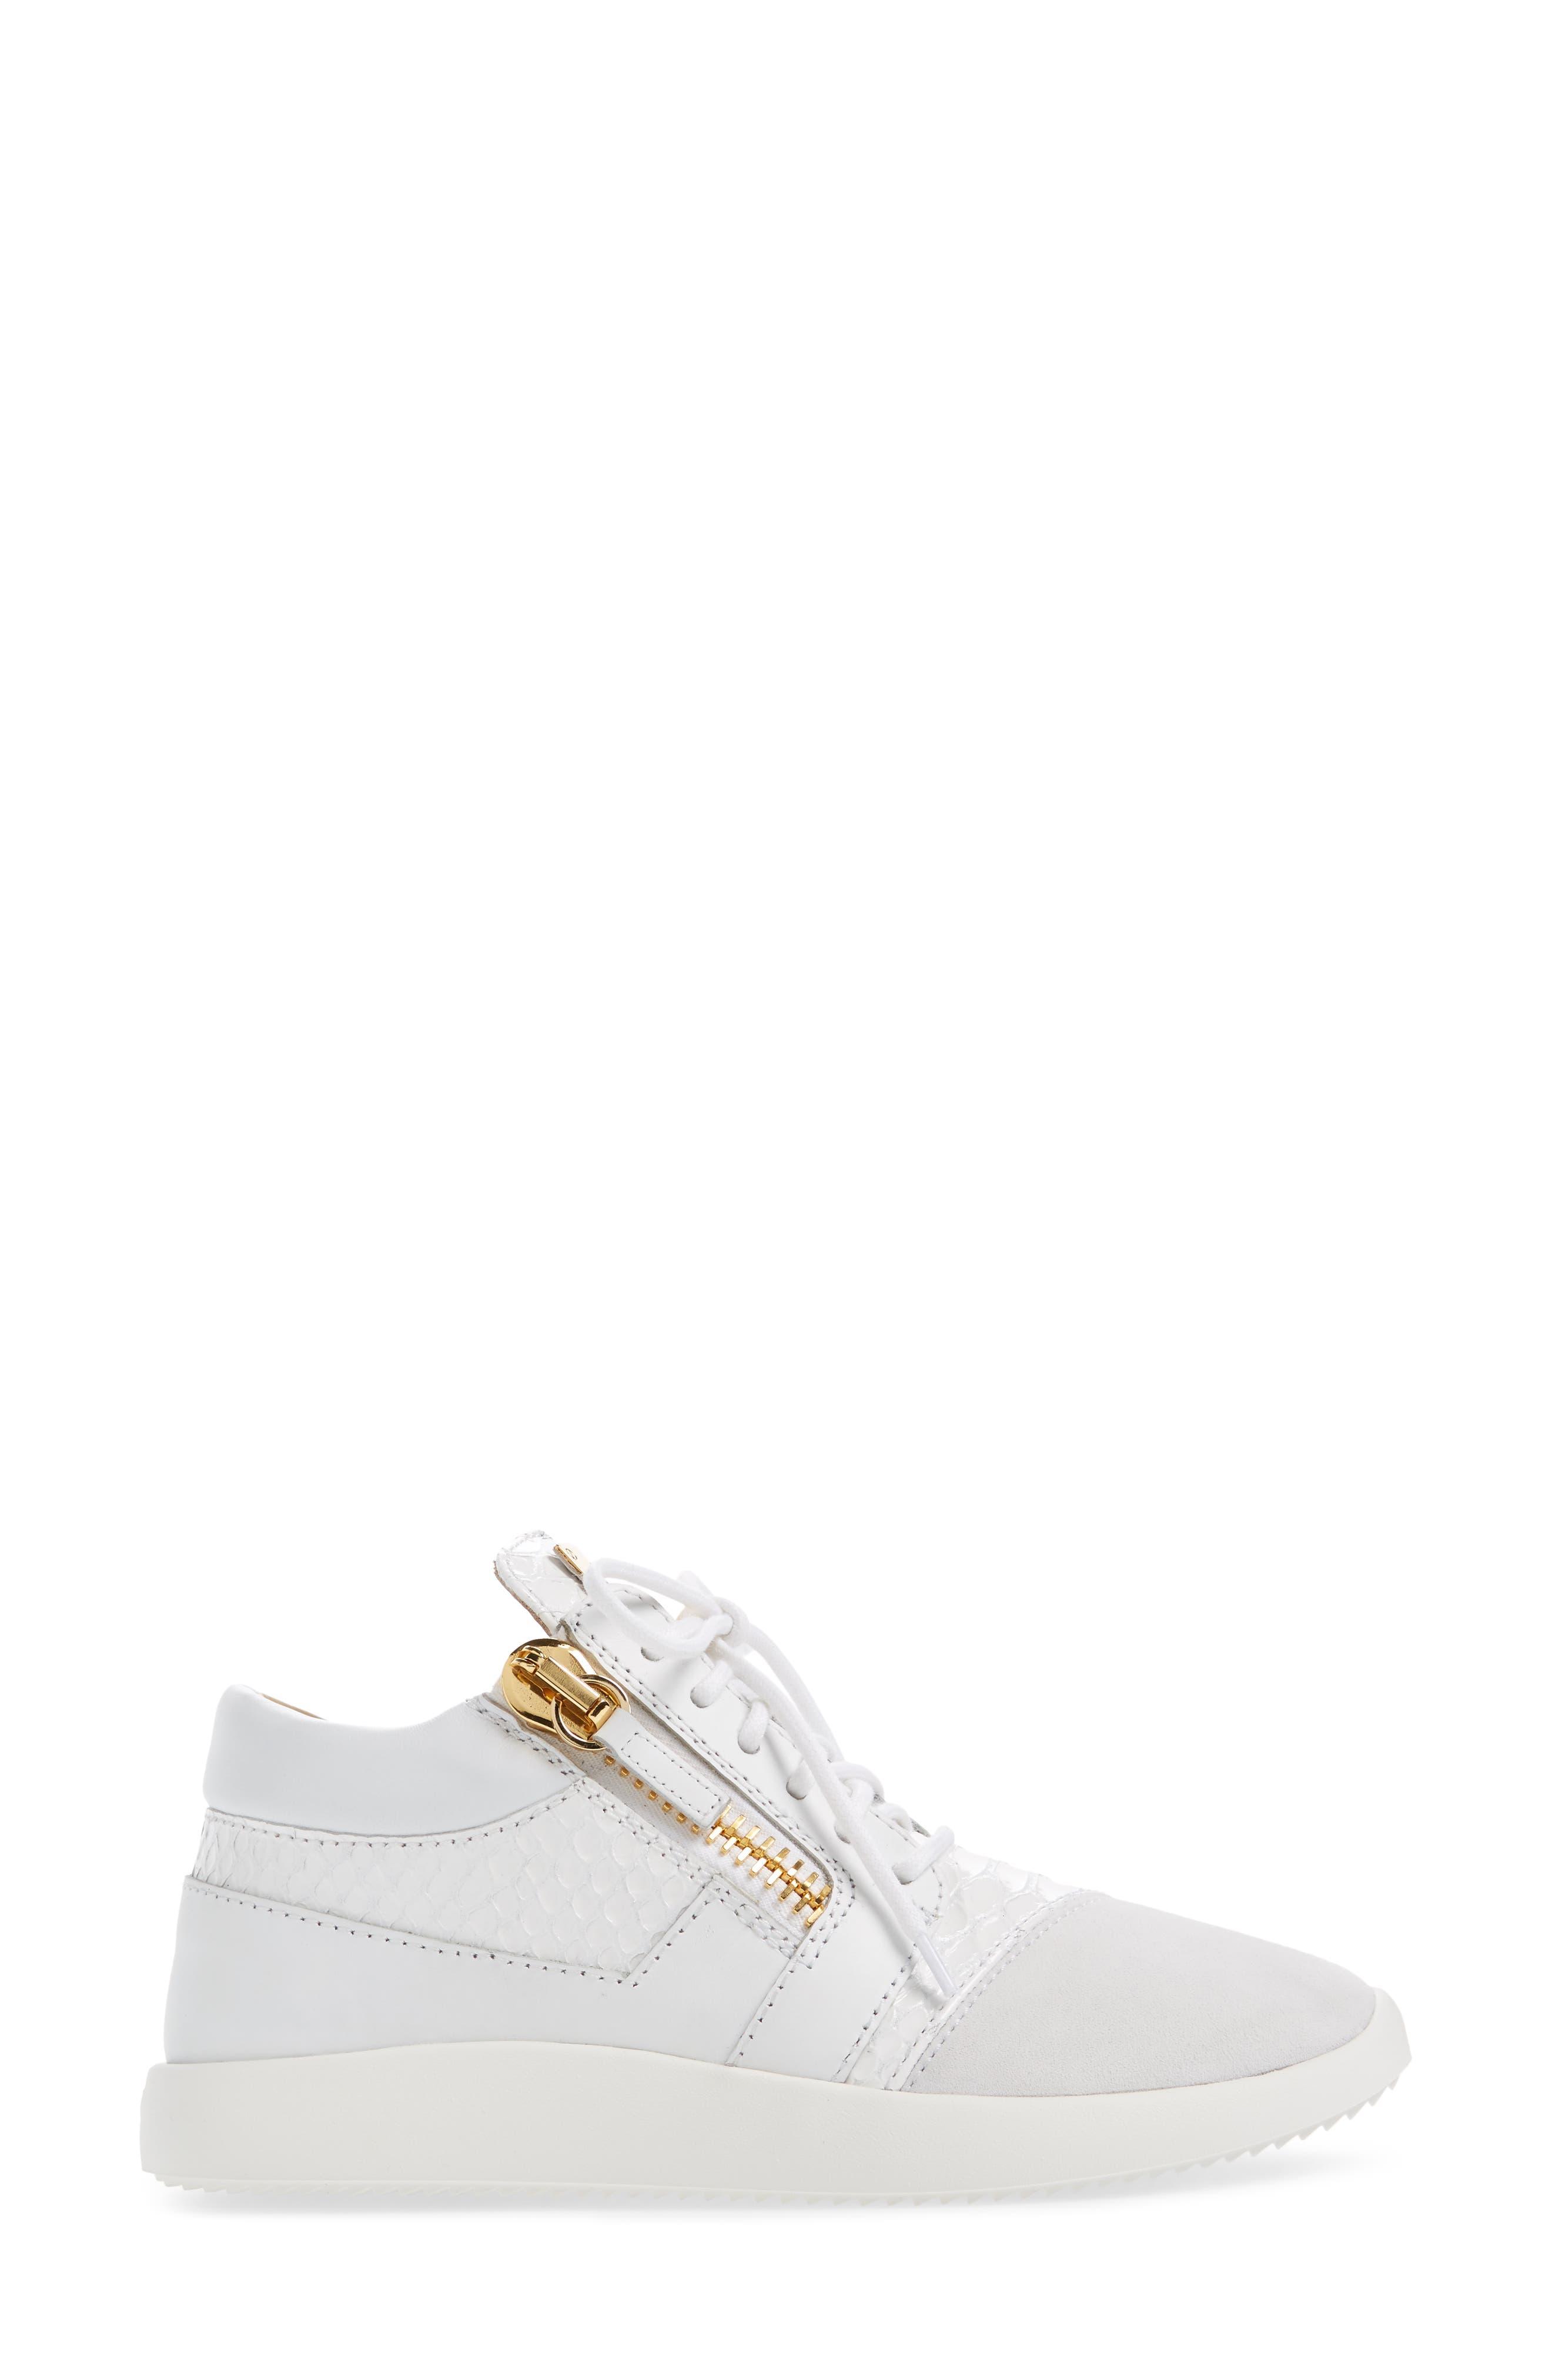 Alternate Image 3  - Giuseppe Zanotti Low Top Sneaker (Women)